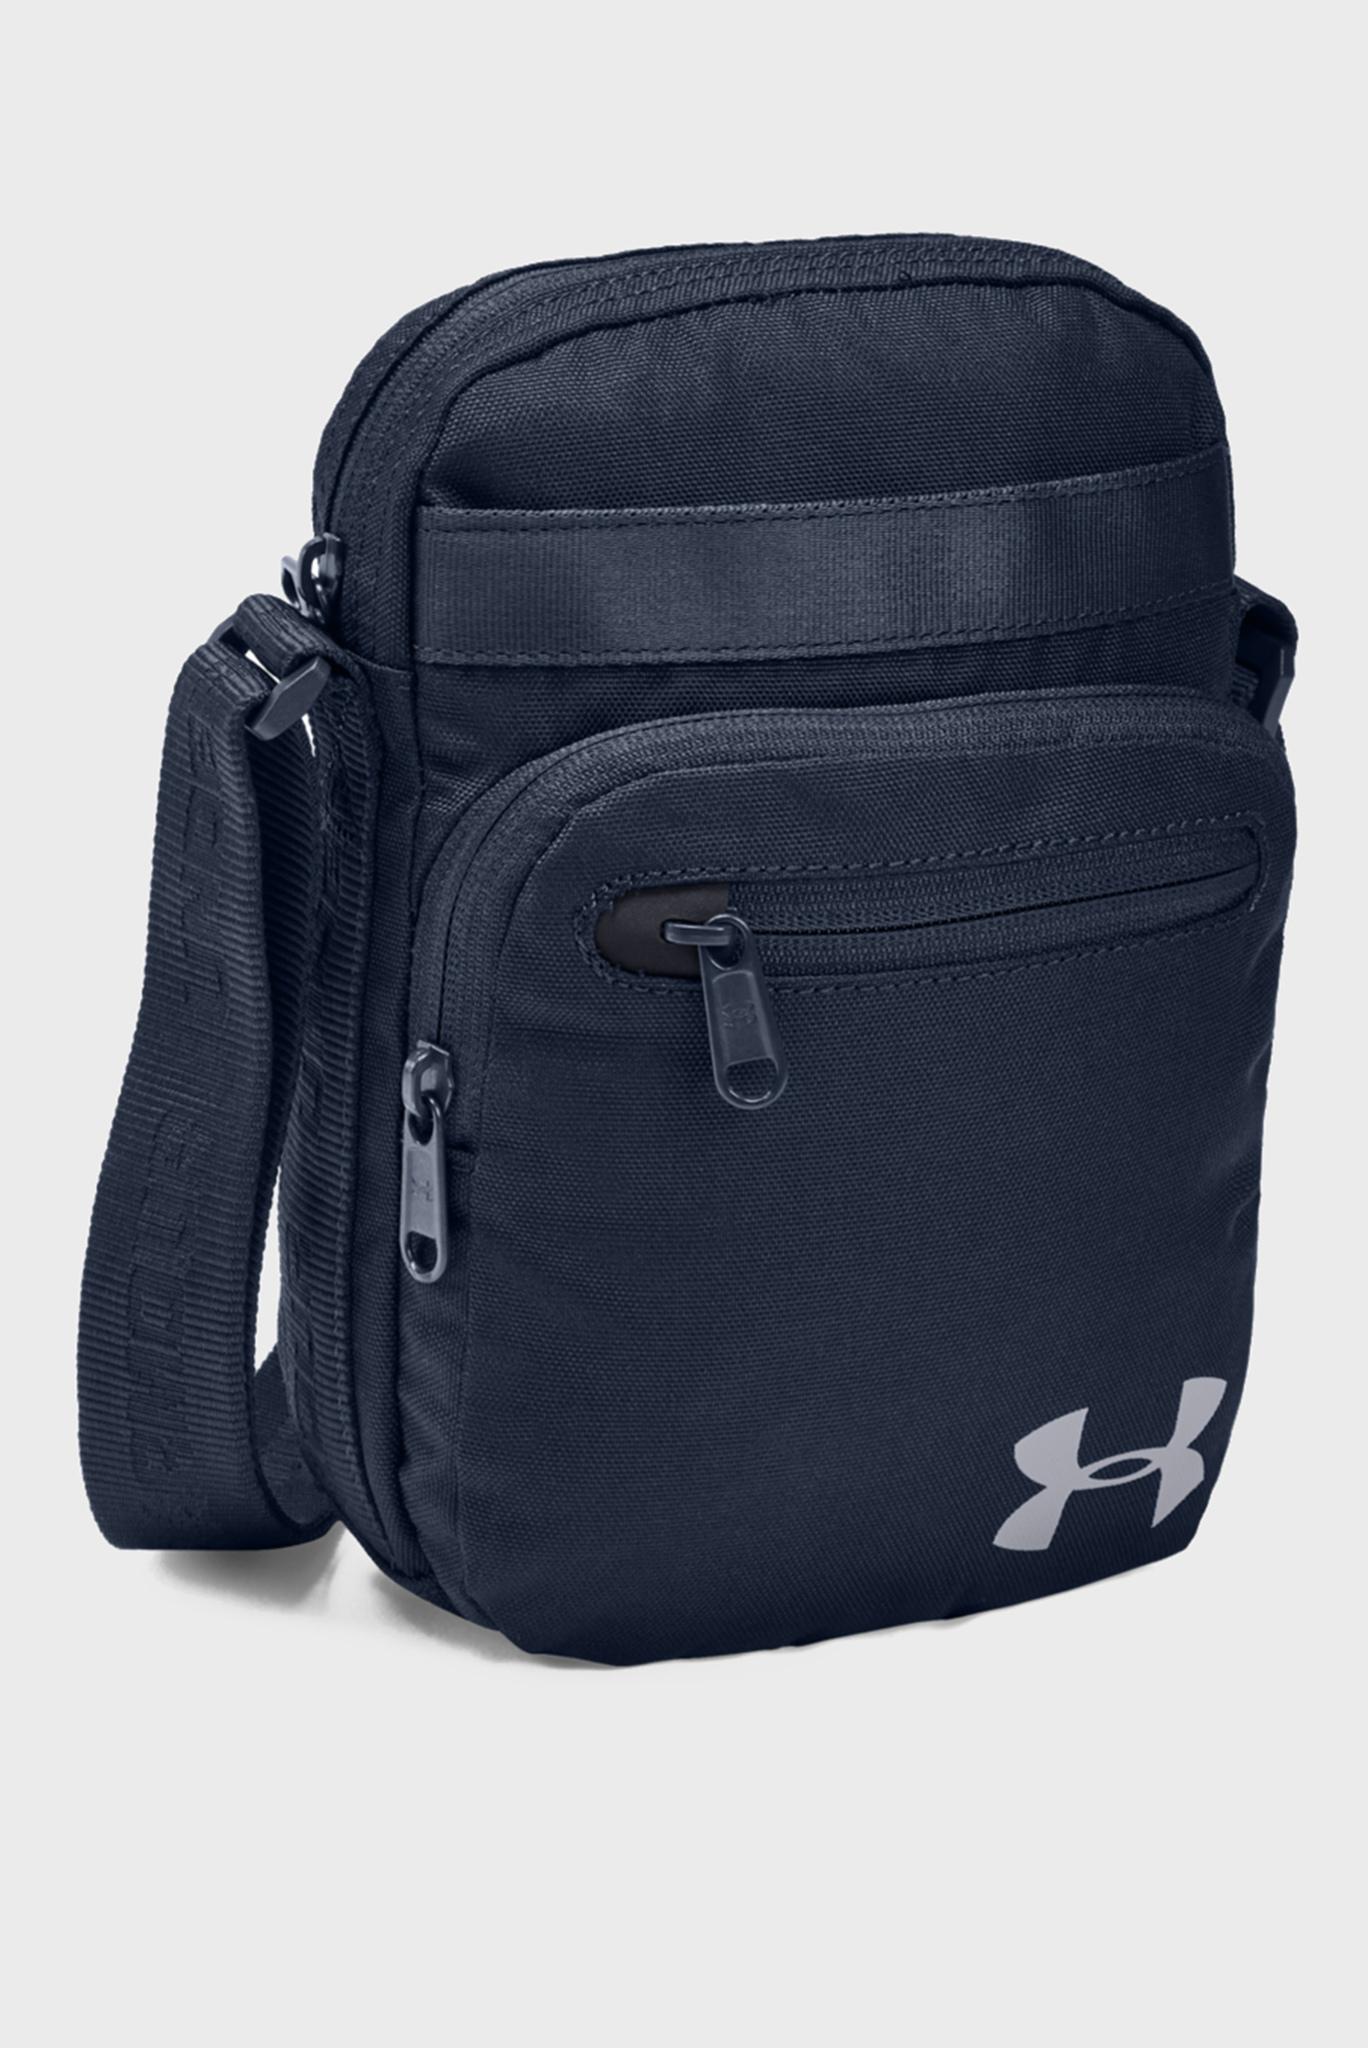 Синяя сумка UA Crossbody-NVY Under Armour